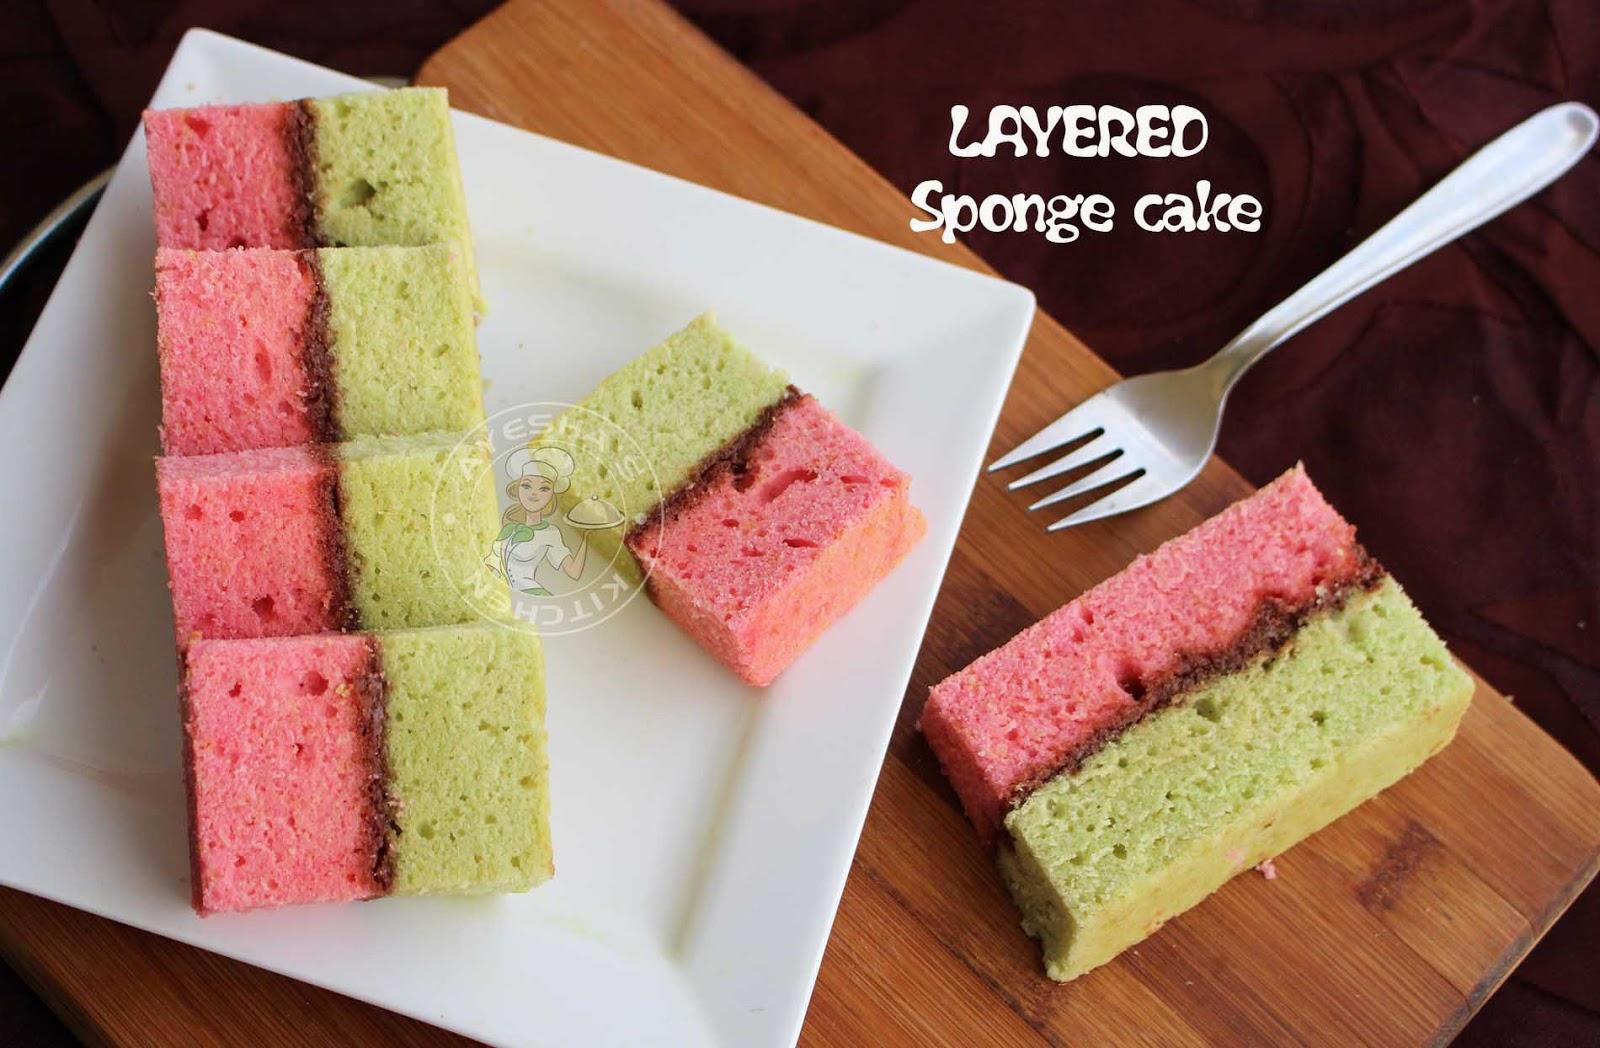 Sponge Cake Recipe Using Oil Instead Of Butter